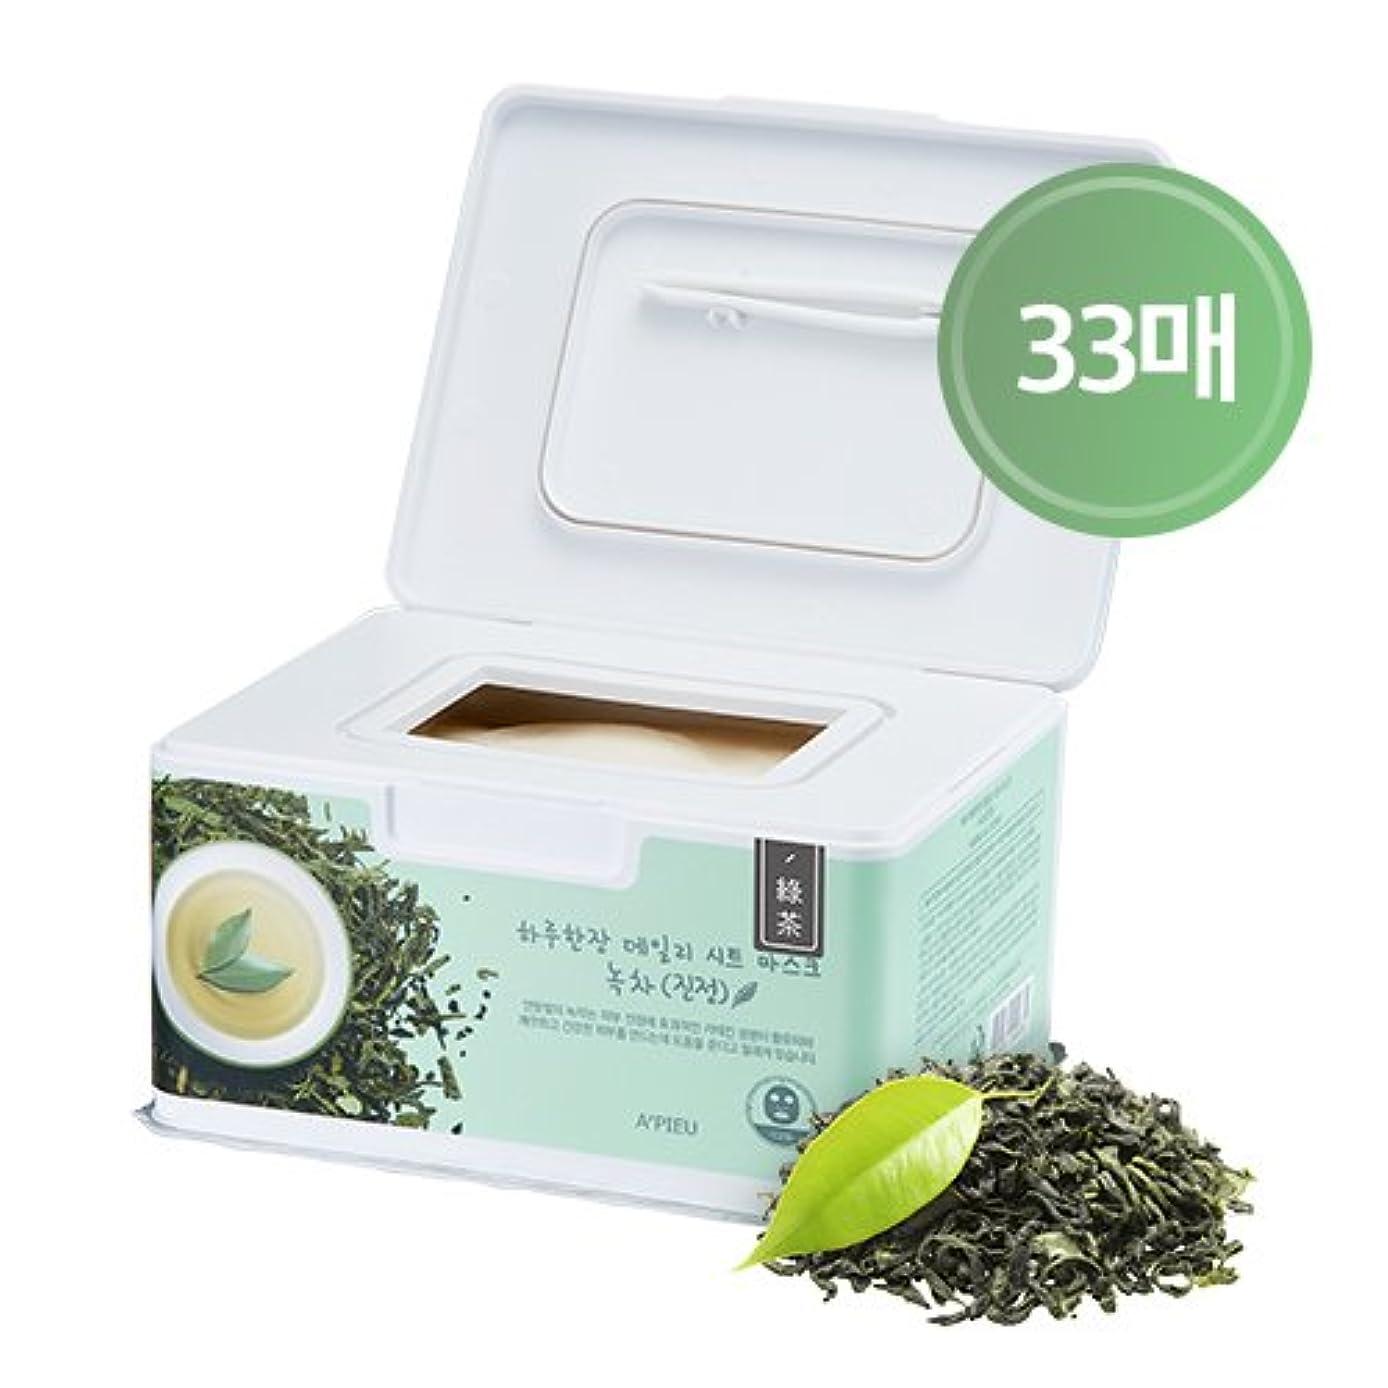 うつ水っぽい方向APIEU DAILY Sheet Mask _ Green Tea (Soothing) / [オピュ/アピュ] デイリーシートマスク_緑茶 (スージング) [並行輸入品]